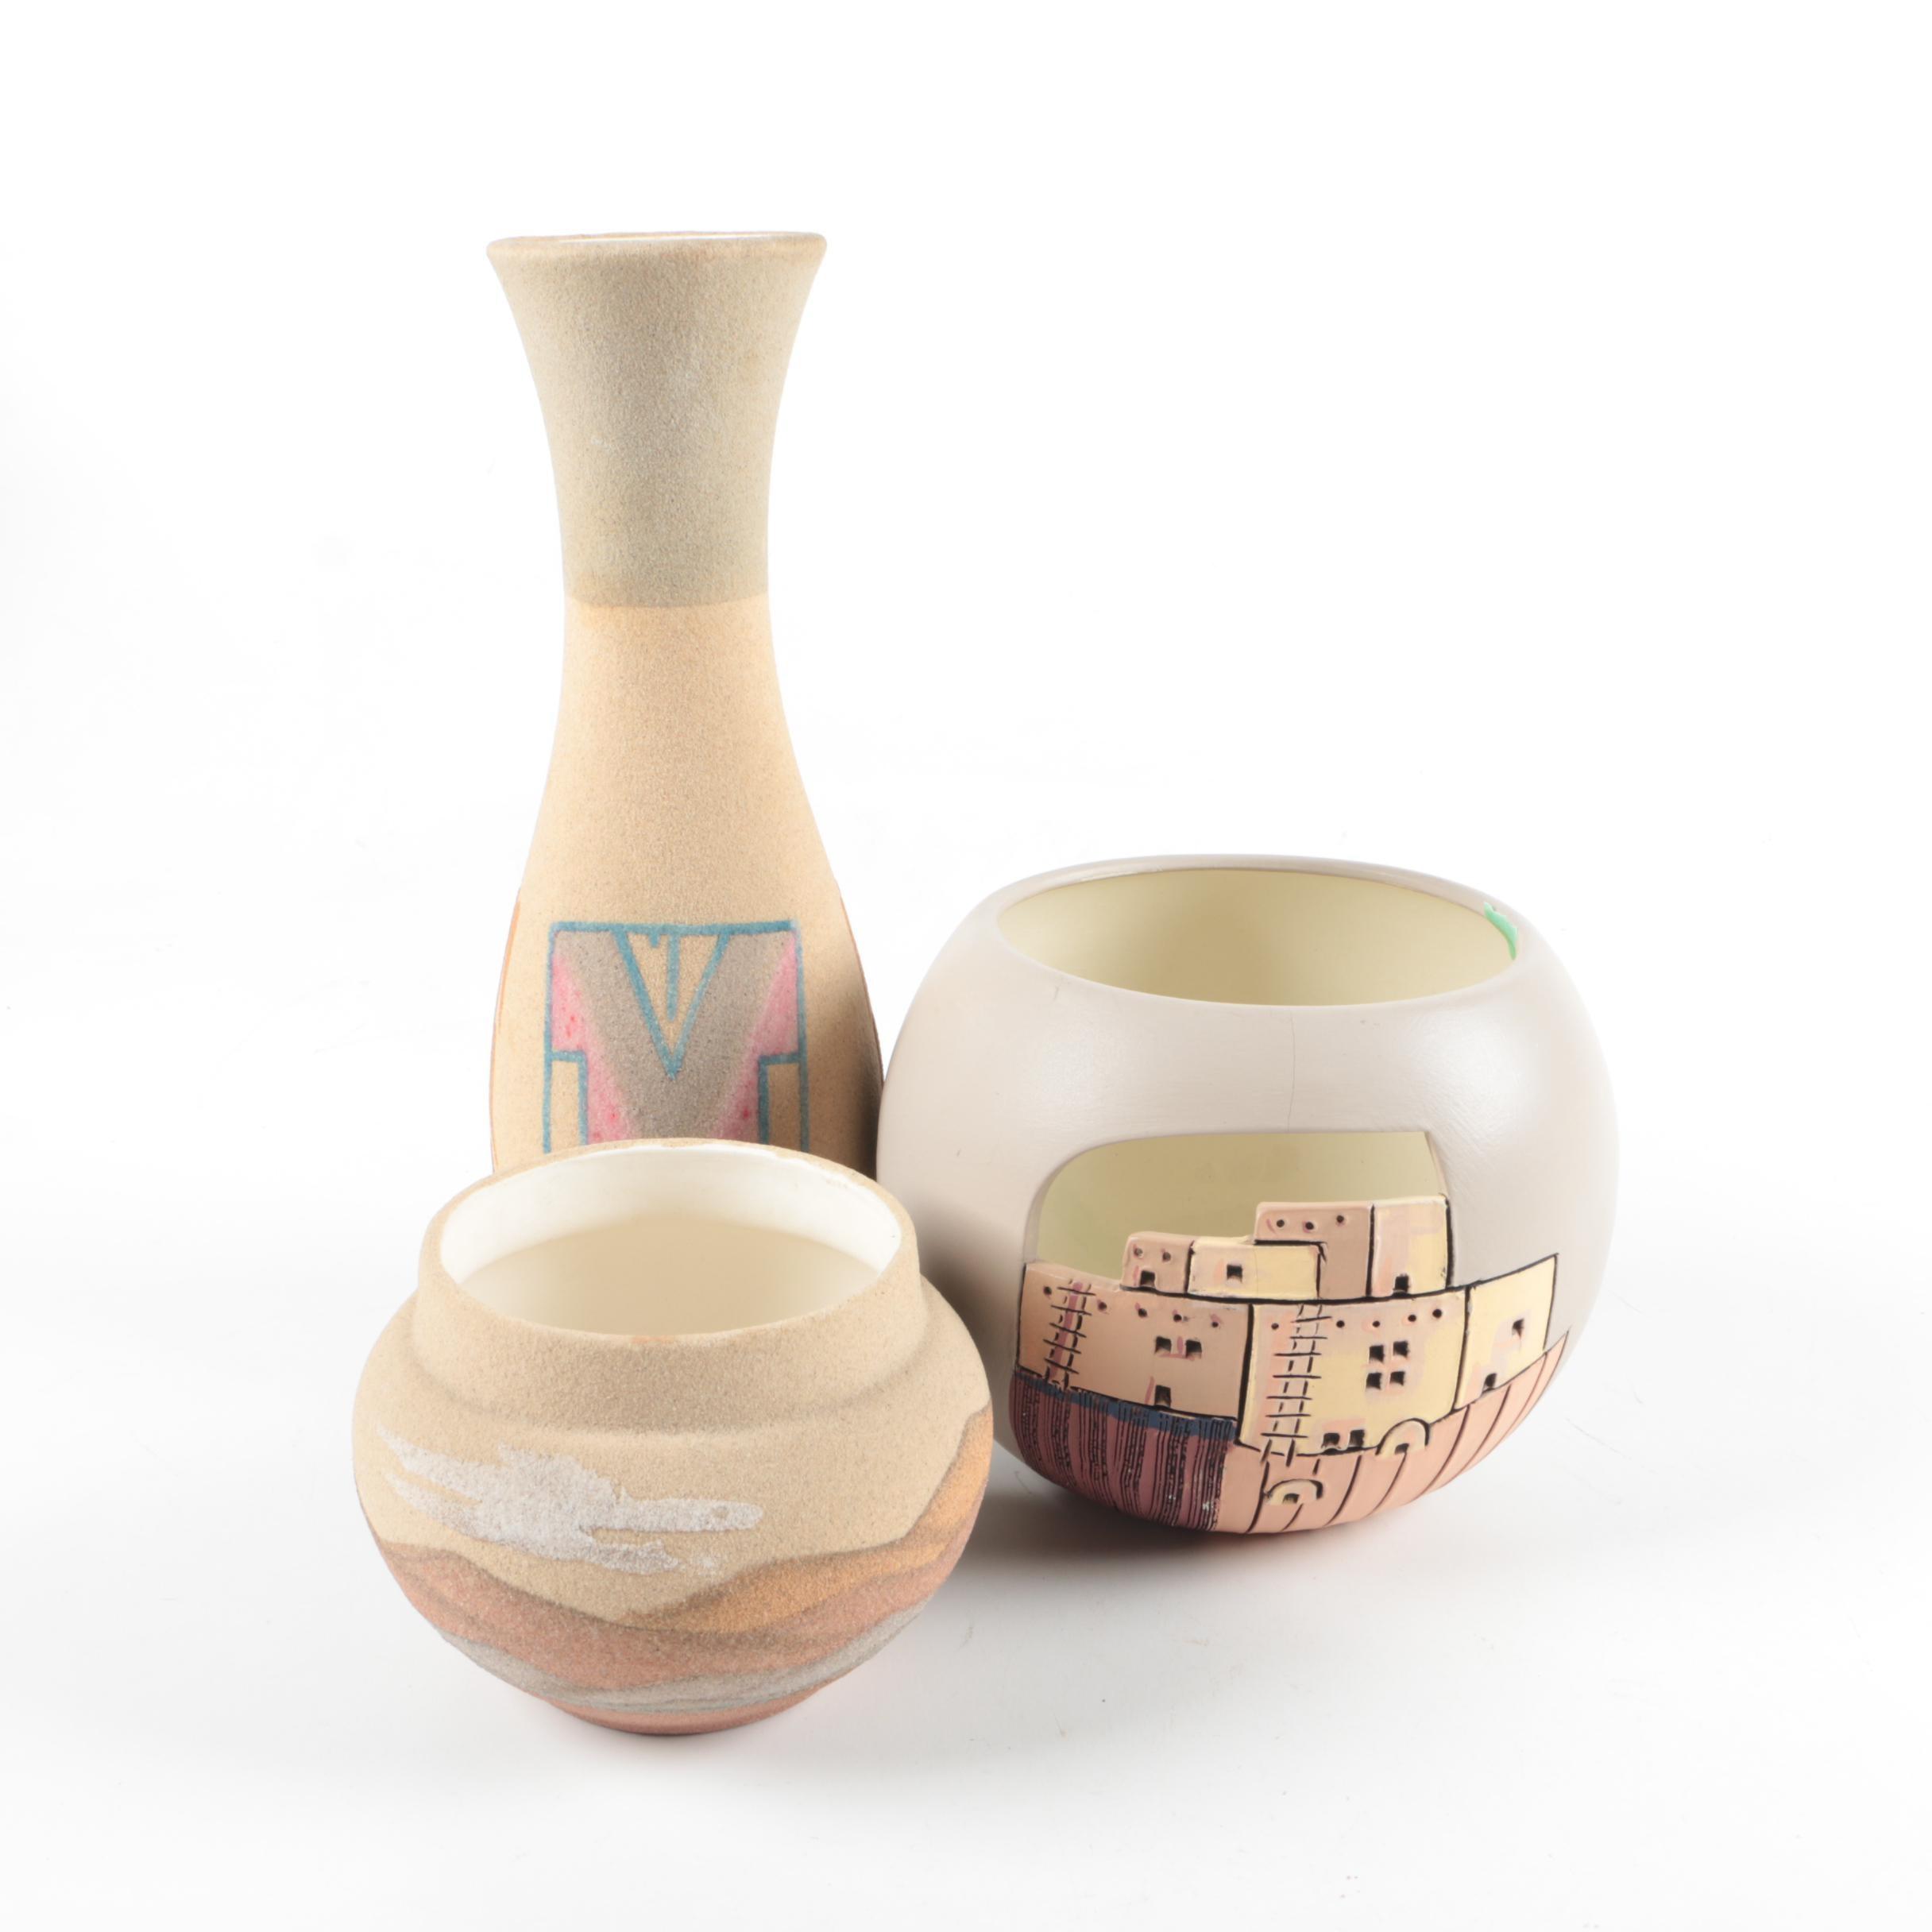 Southwestern Style Pottery